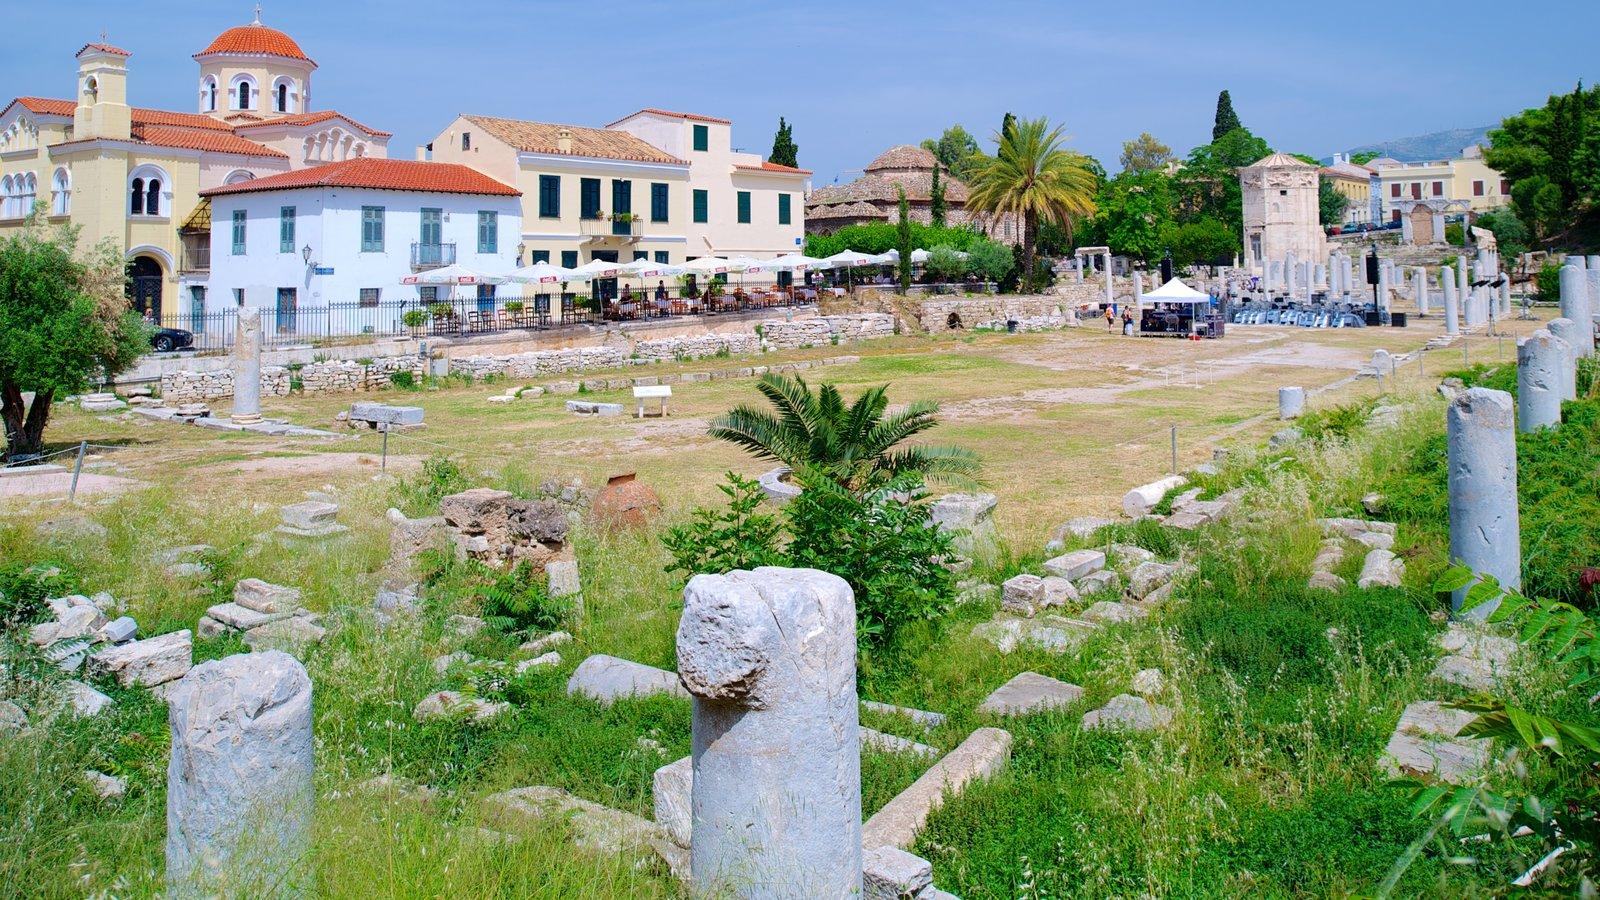 Ágora Romana caracterizando uma ruína, uma cidade e um jardim